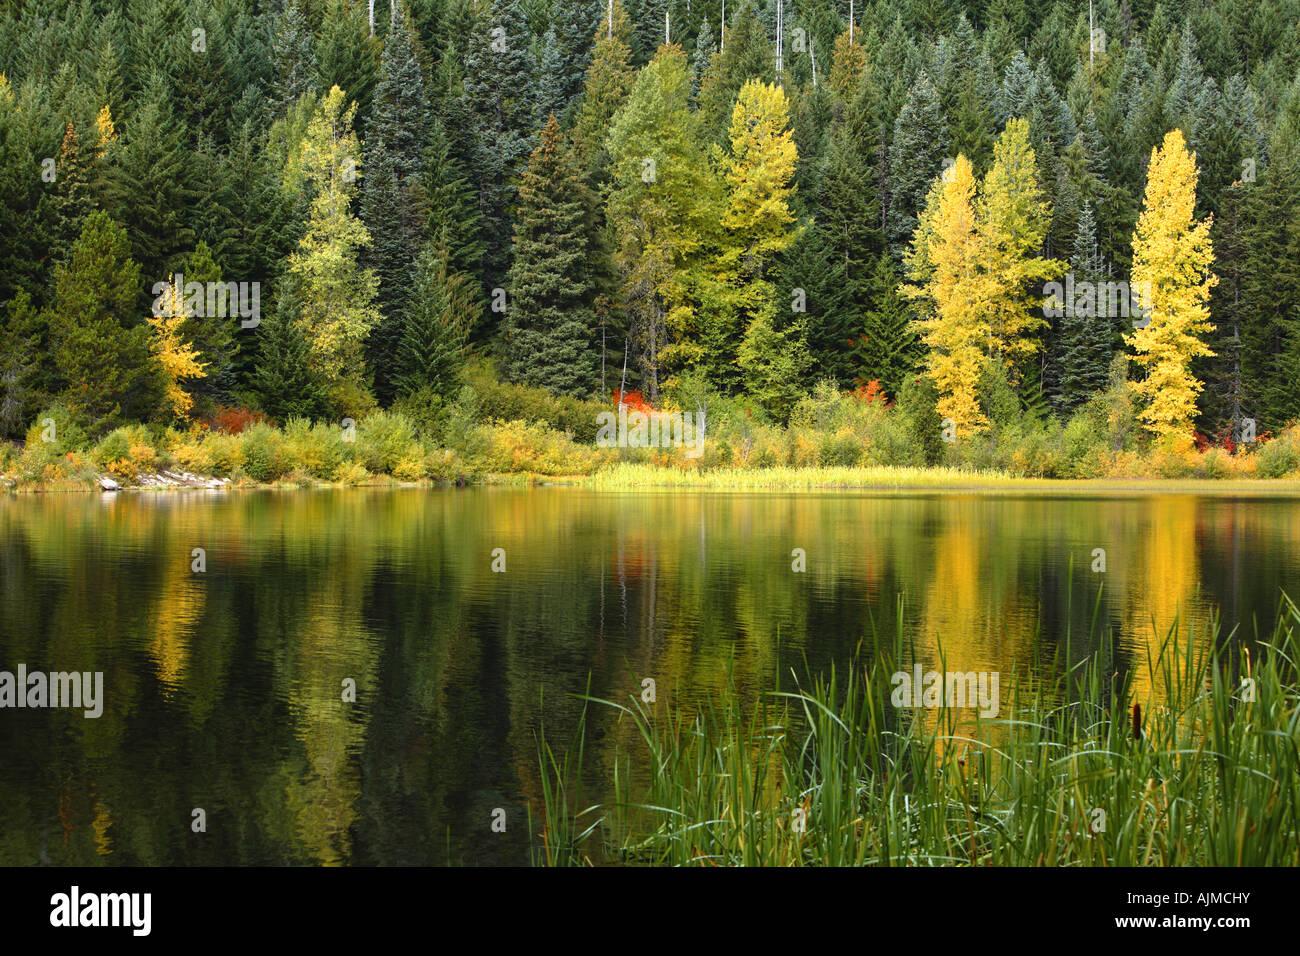 Fallen Sie farbige Bäume im See widerspiegelt Stockbild